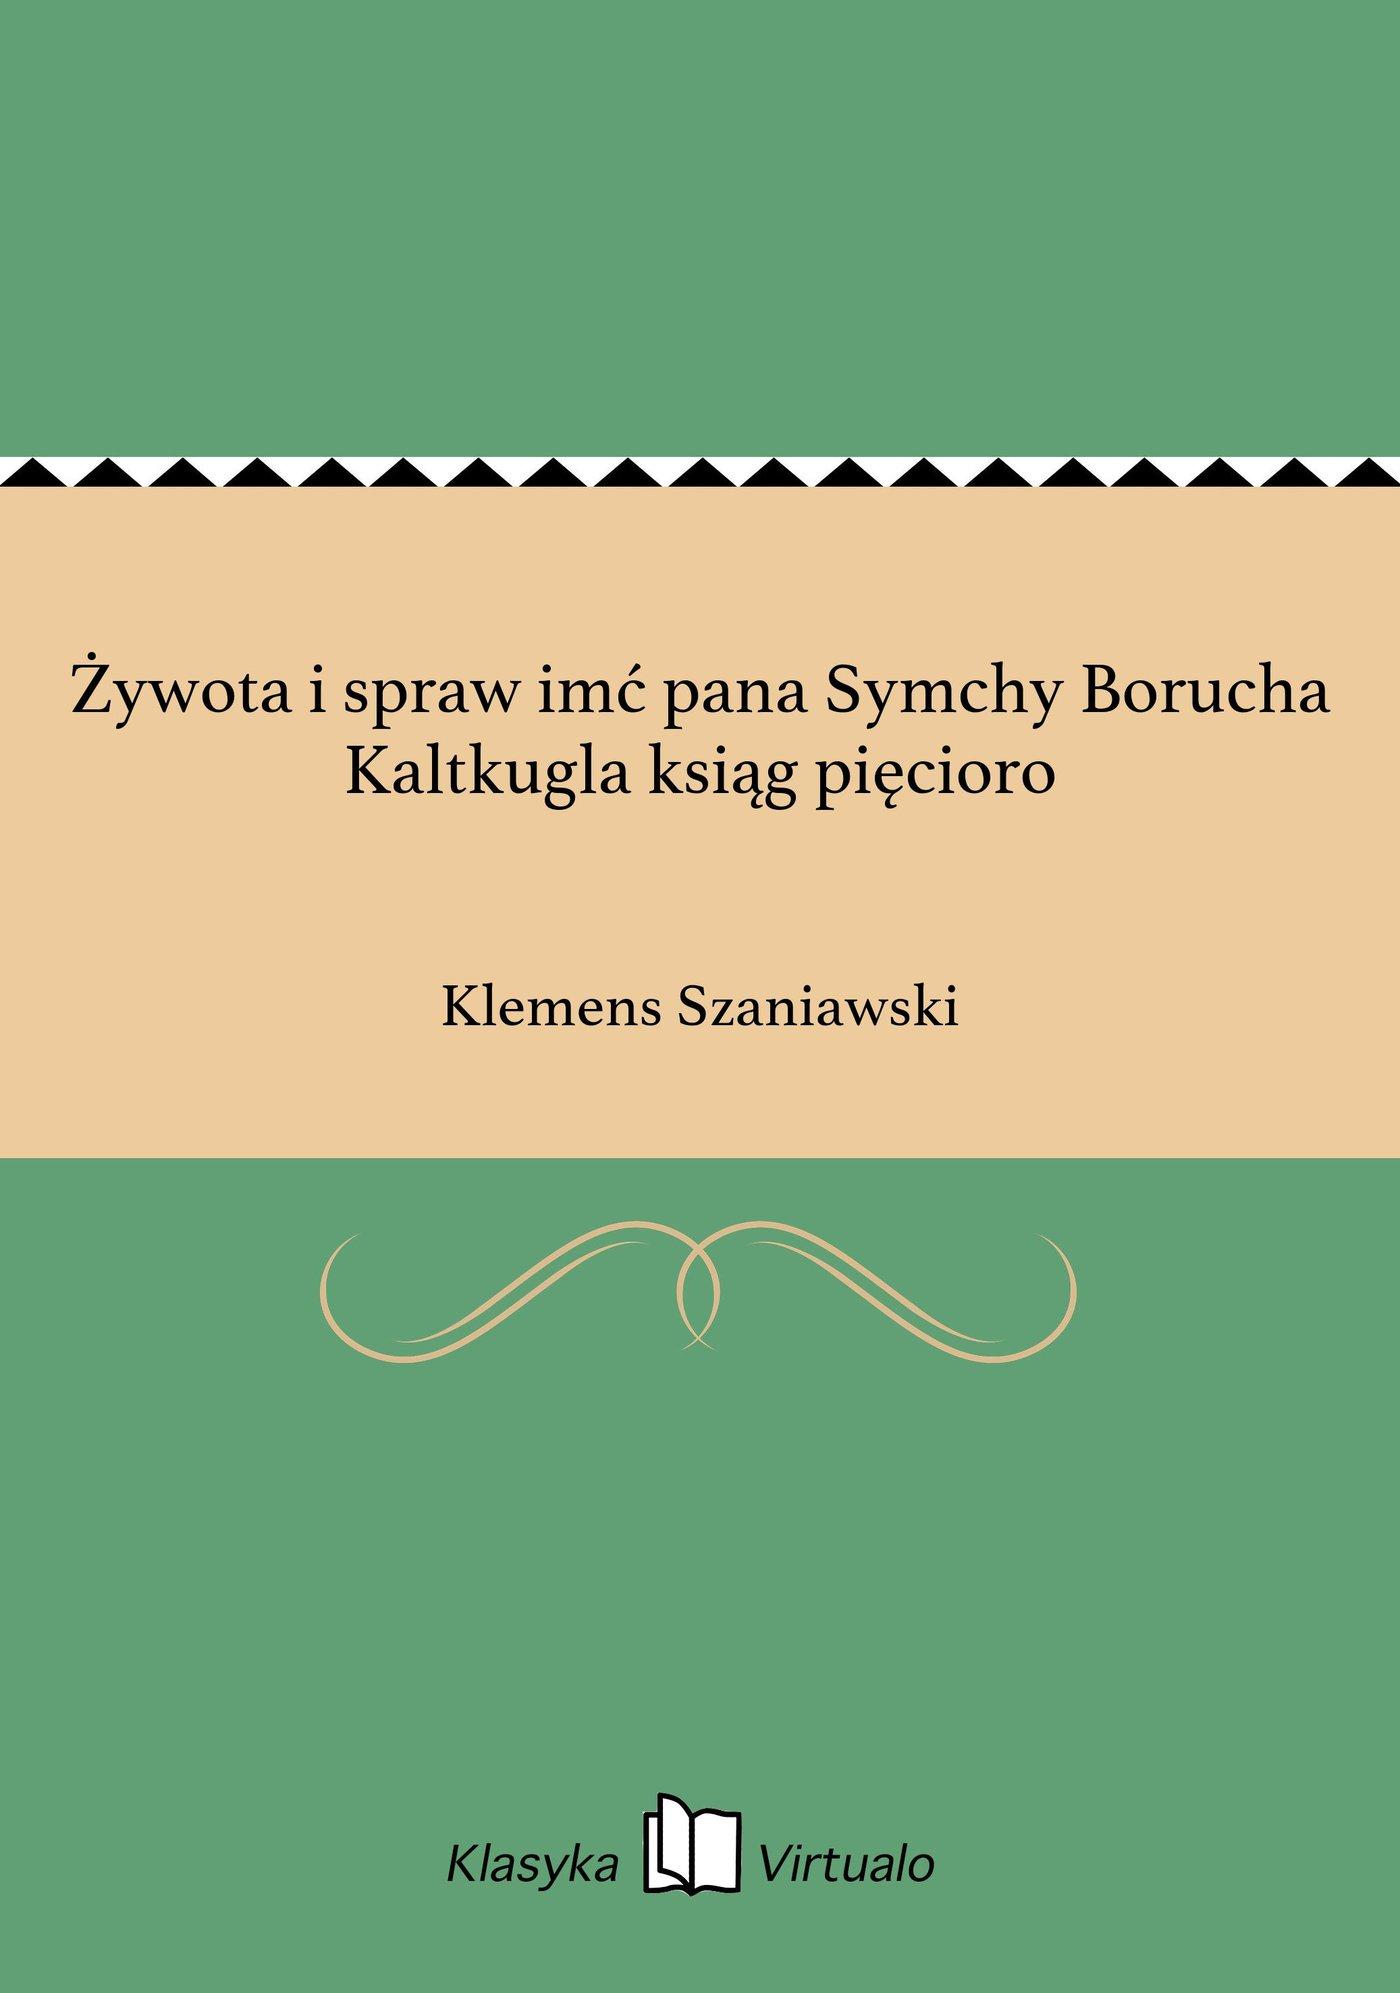 Żywota i spraw imć pana Symchy Borucha Kaltkugla ksiąg pięcioro - Ebook (Książka EPUB) do pobrania w formacie EPUB